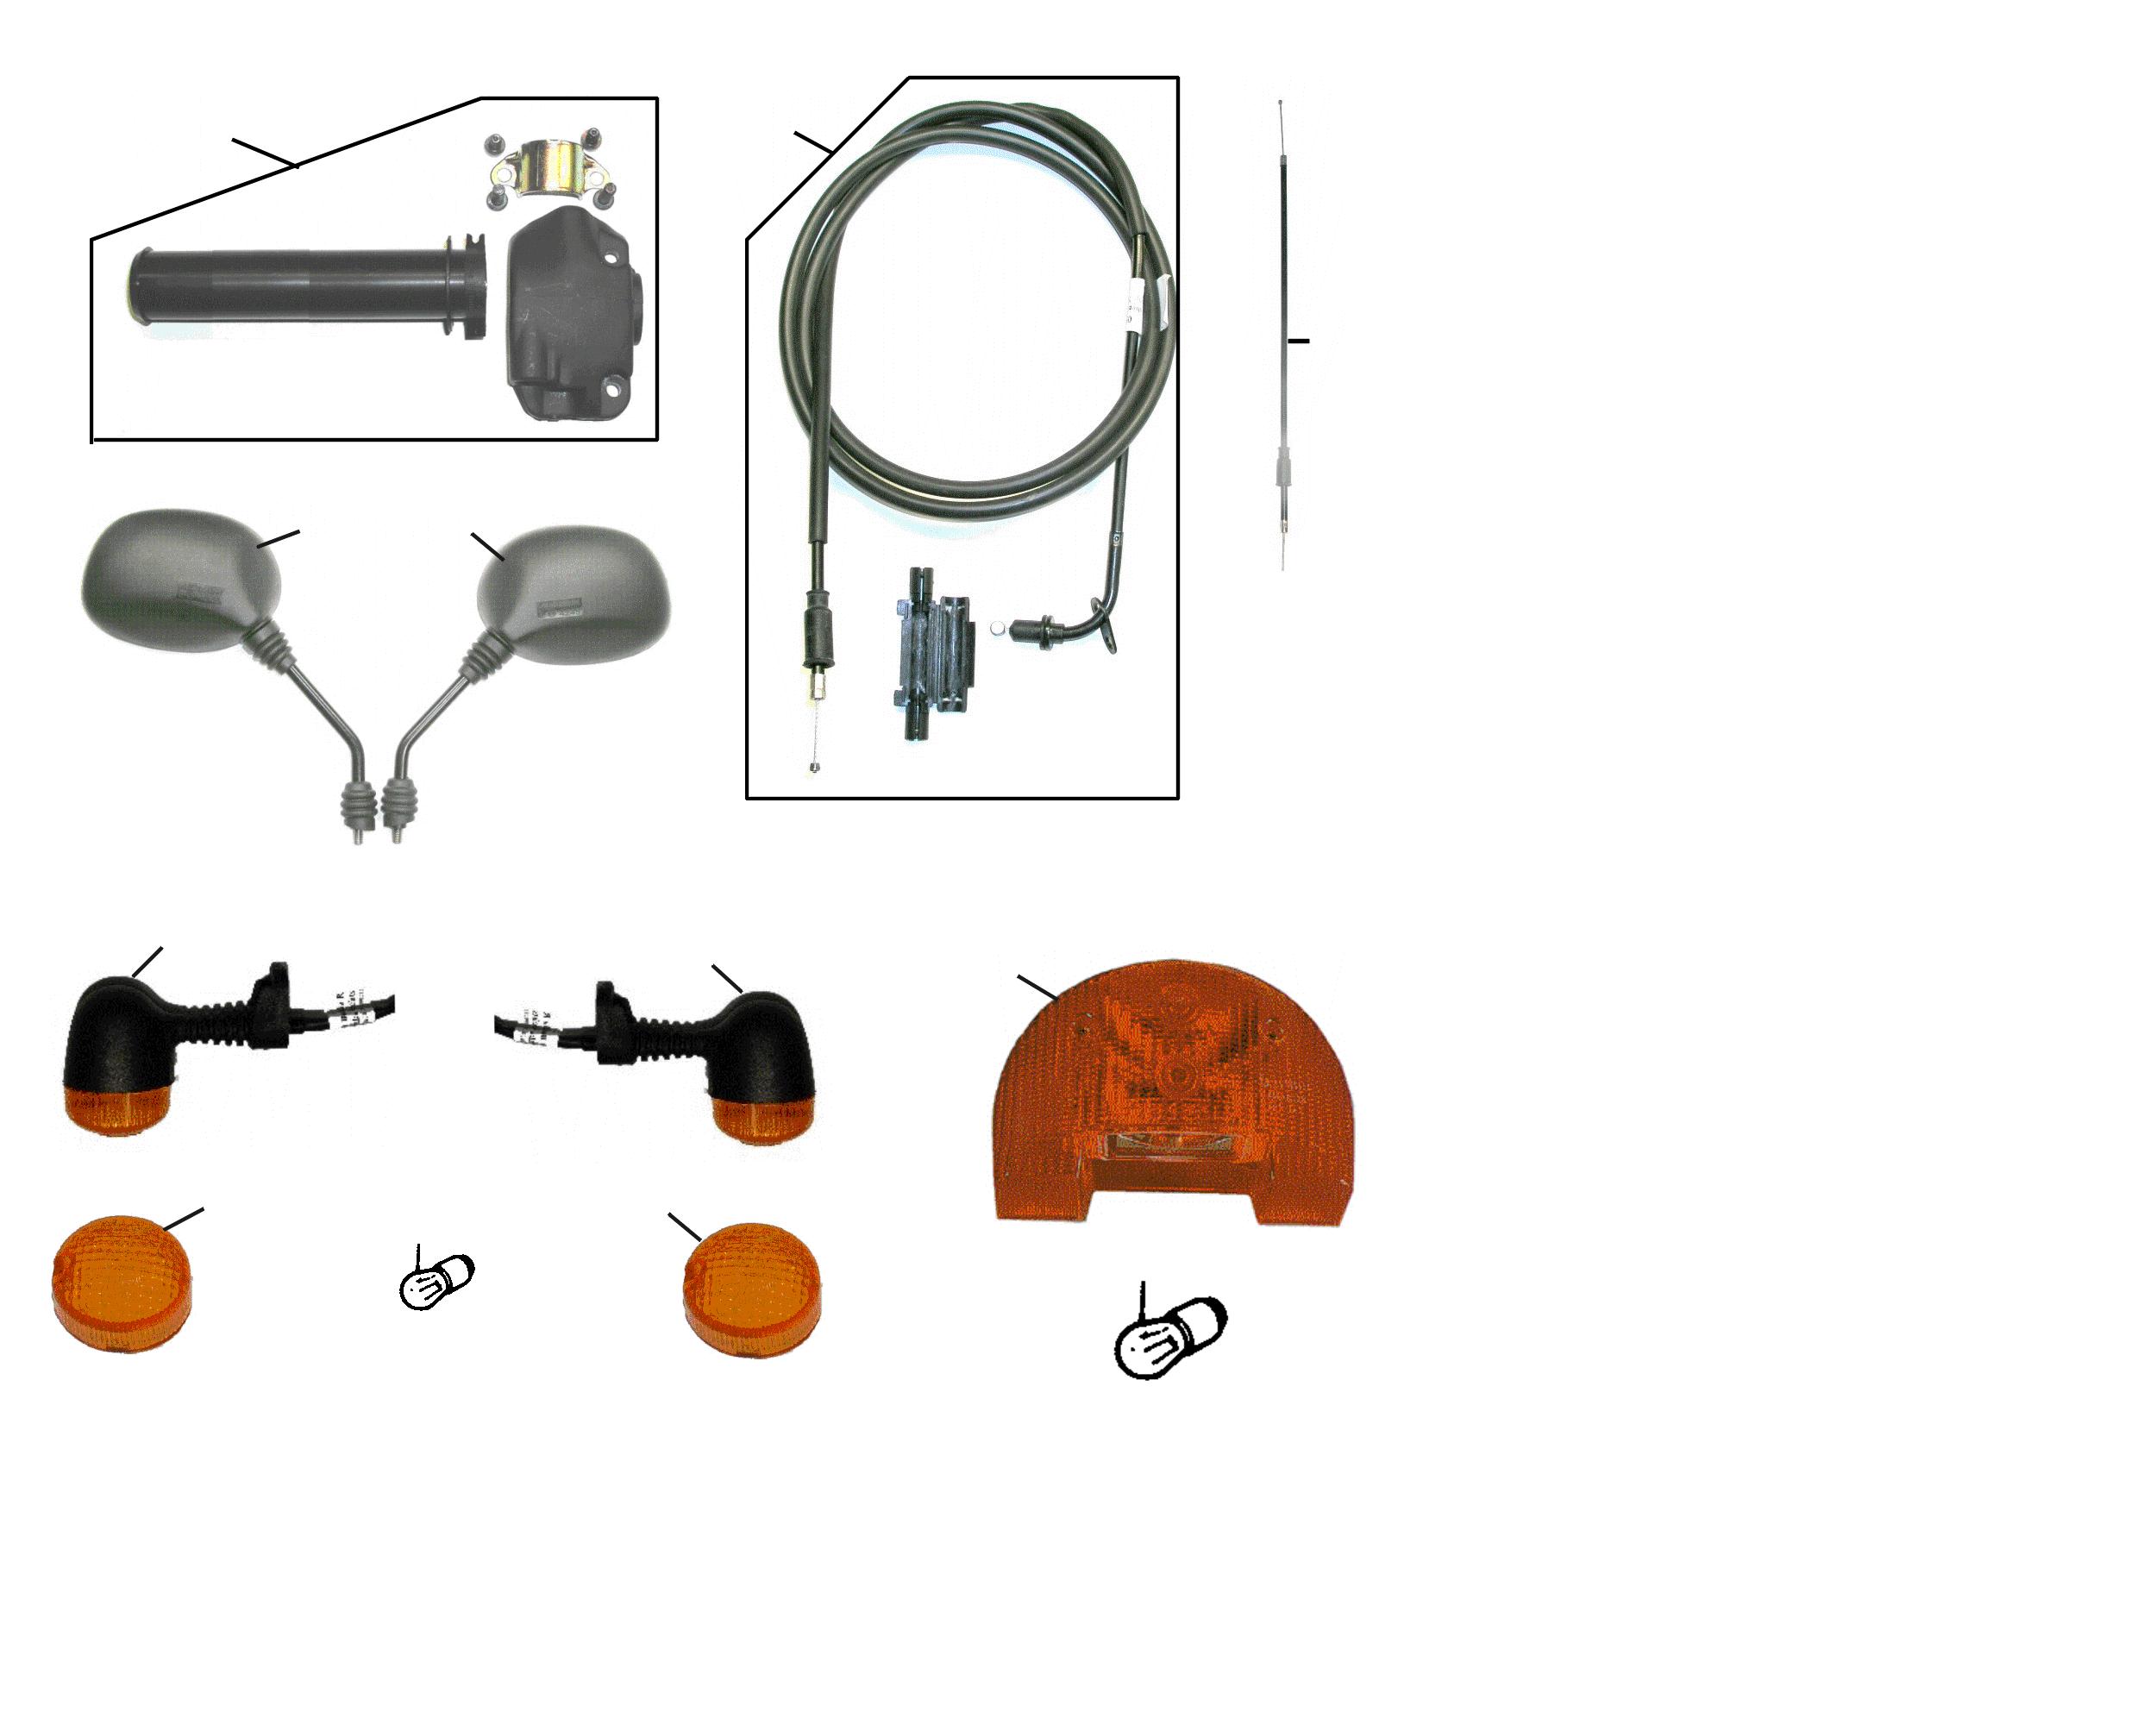 Gaszug, Gasgriff, Spiegel, Blinker